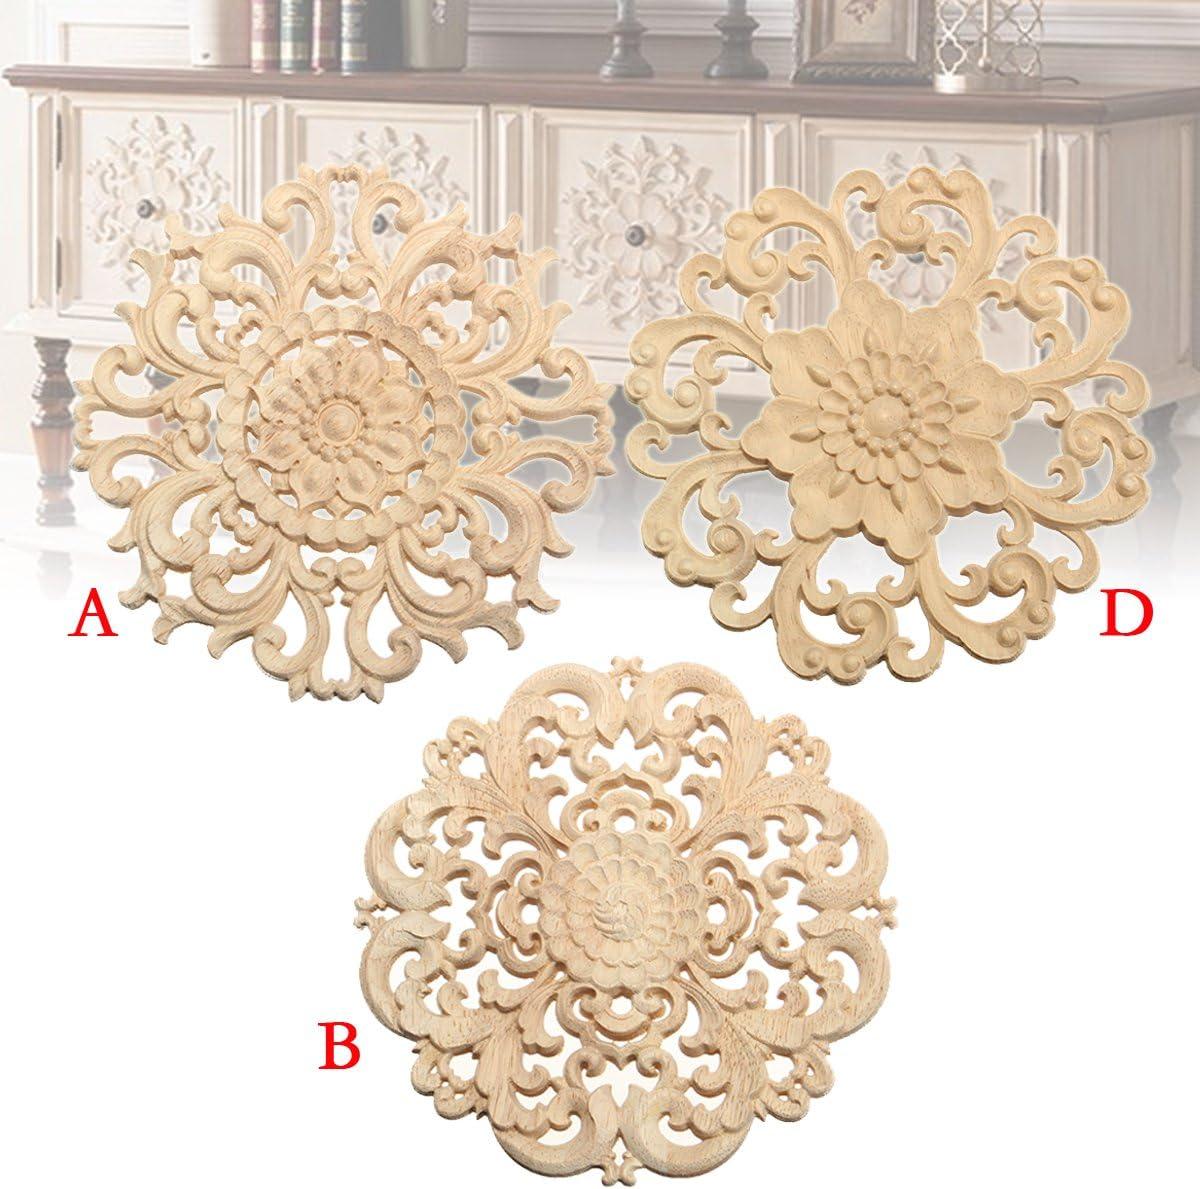 Europ/äischen Stil Holz Applique Handwerk M/öbel Woodcarving Ecke Dekoration Typ A 15cm